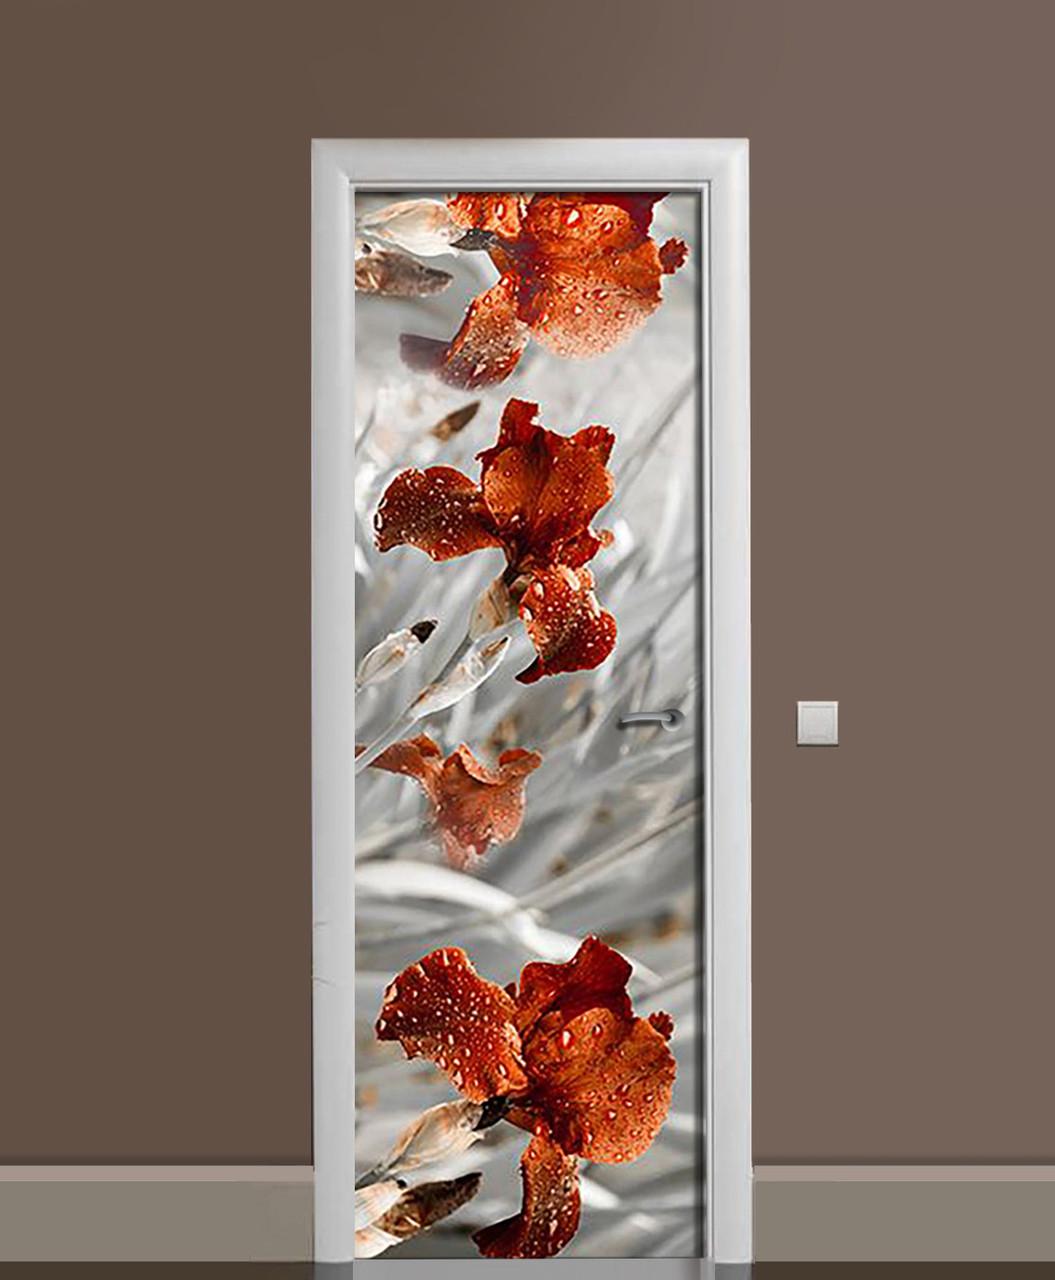 Наклейка на двері Великі Іриси вінілова плівка самоклеюча ламінована ПВХ квіти Сірий 650*2000 мм